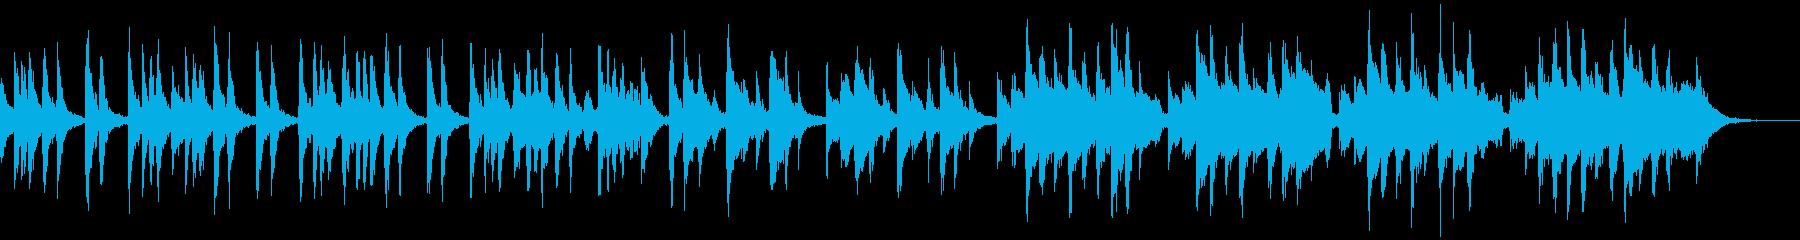 【劇伴】ほのぼのでコミカルな日常曲の再生済みの波形